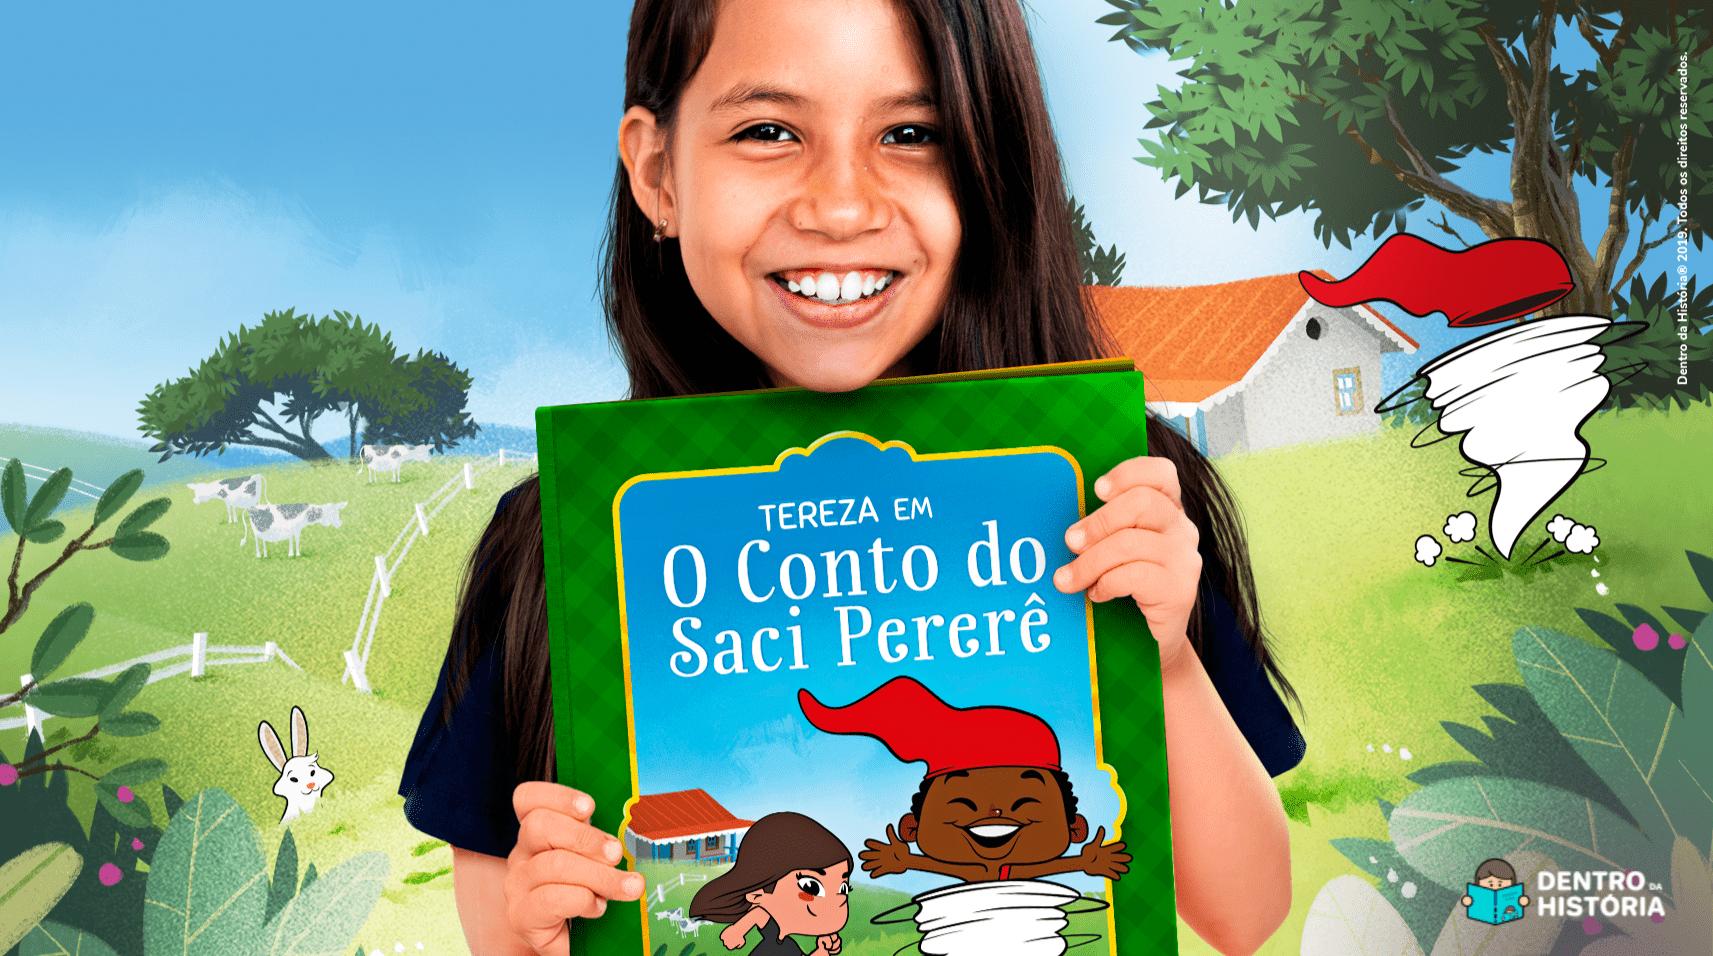 A lenda do Saci Pererê para crianças